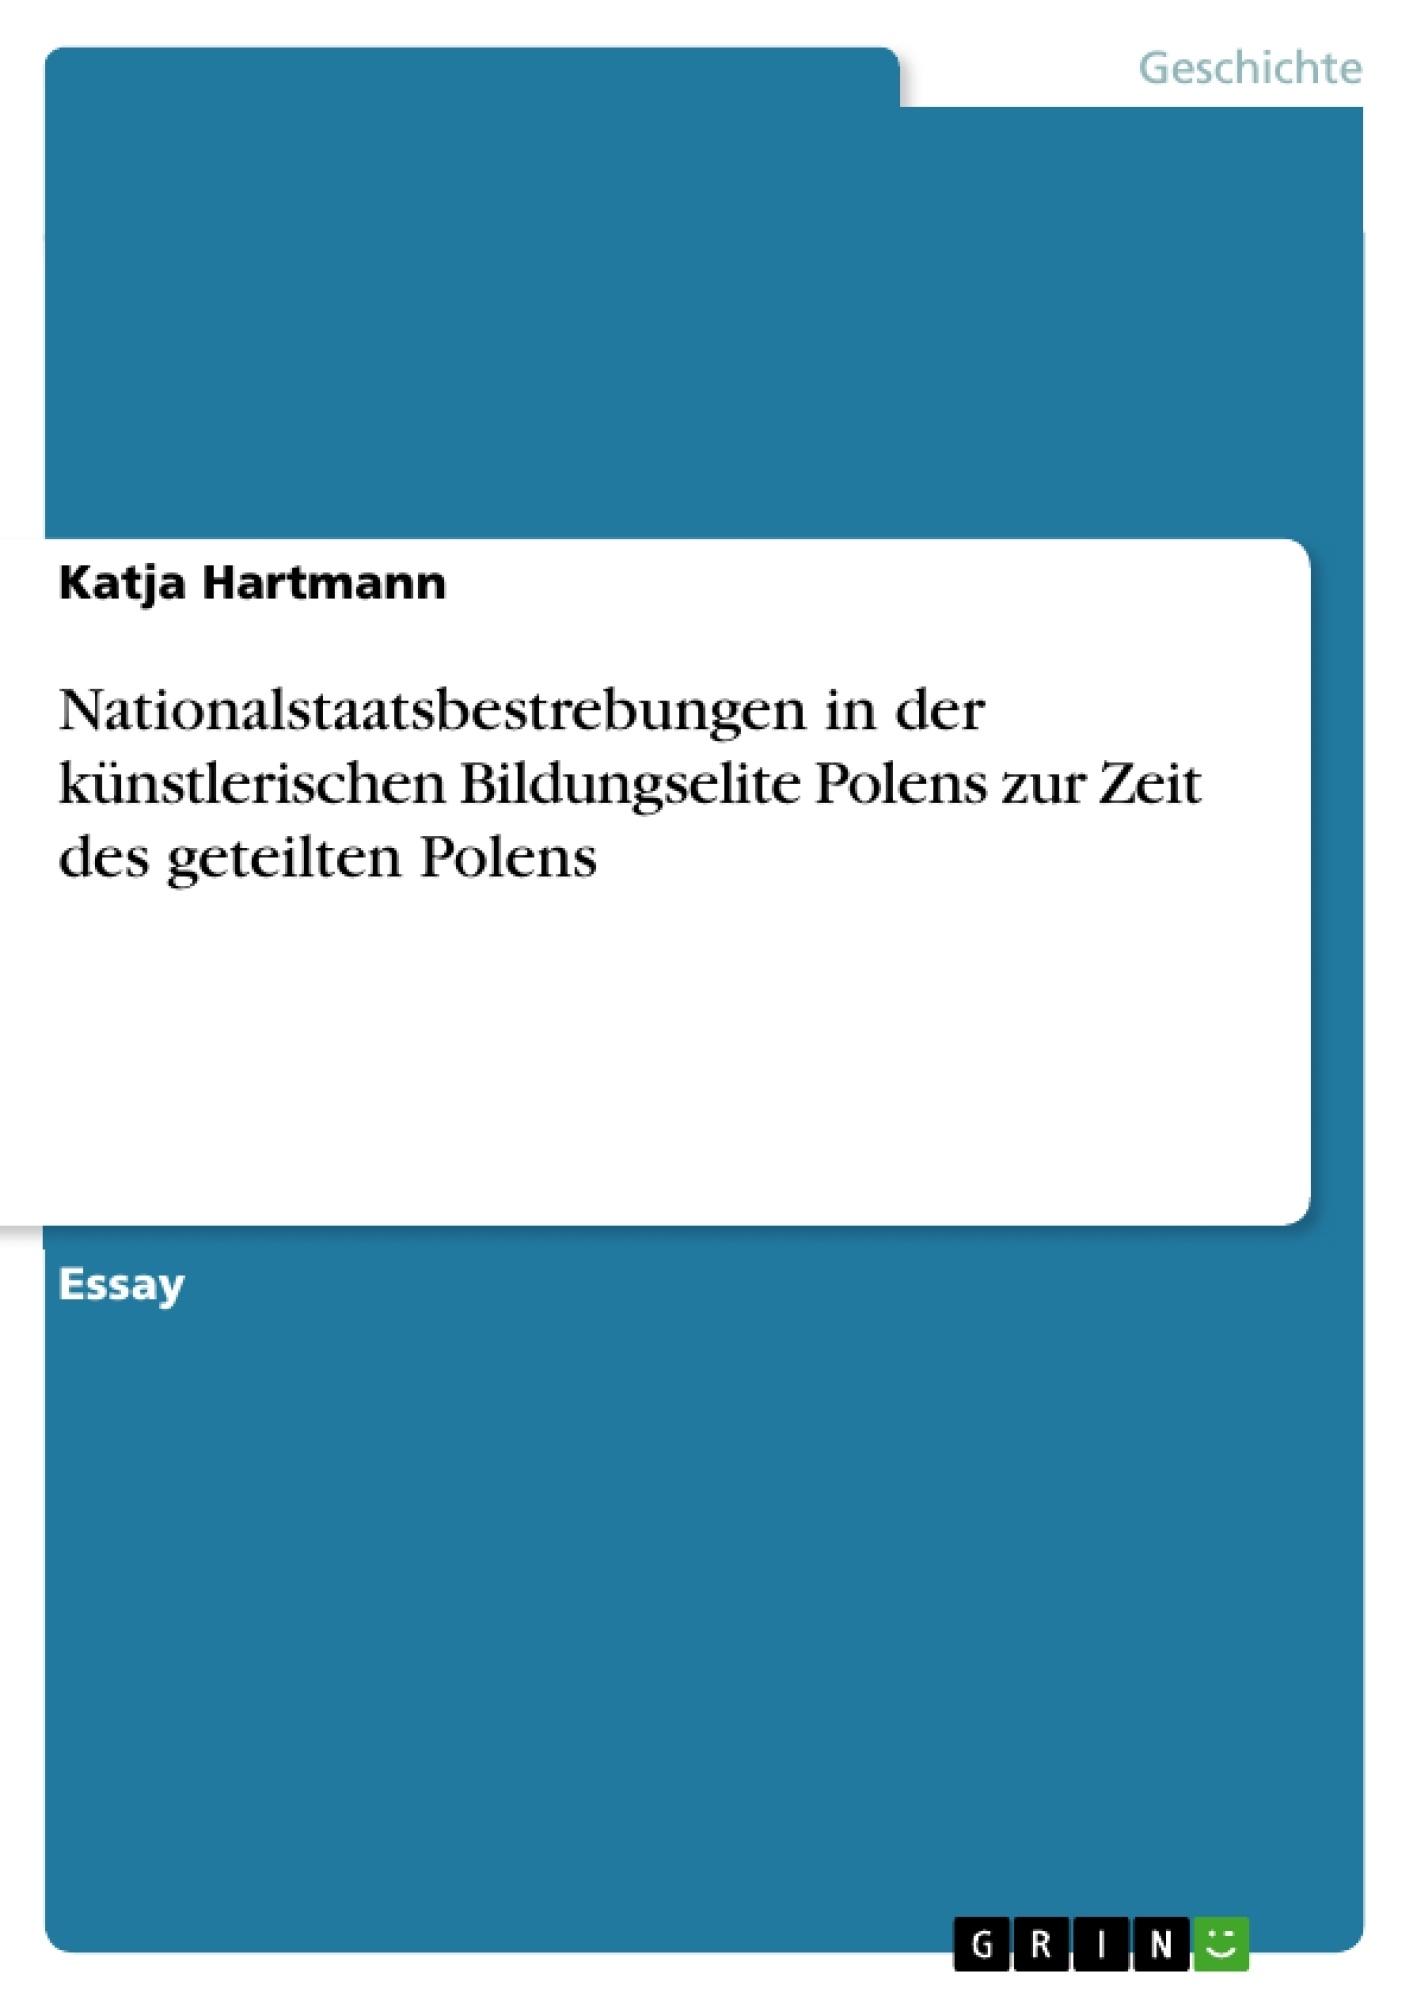 Titel: Nationalstaatsbestrebungen in der künstlerischen Bildungselite Polens zur Zeit des geteilten Polens